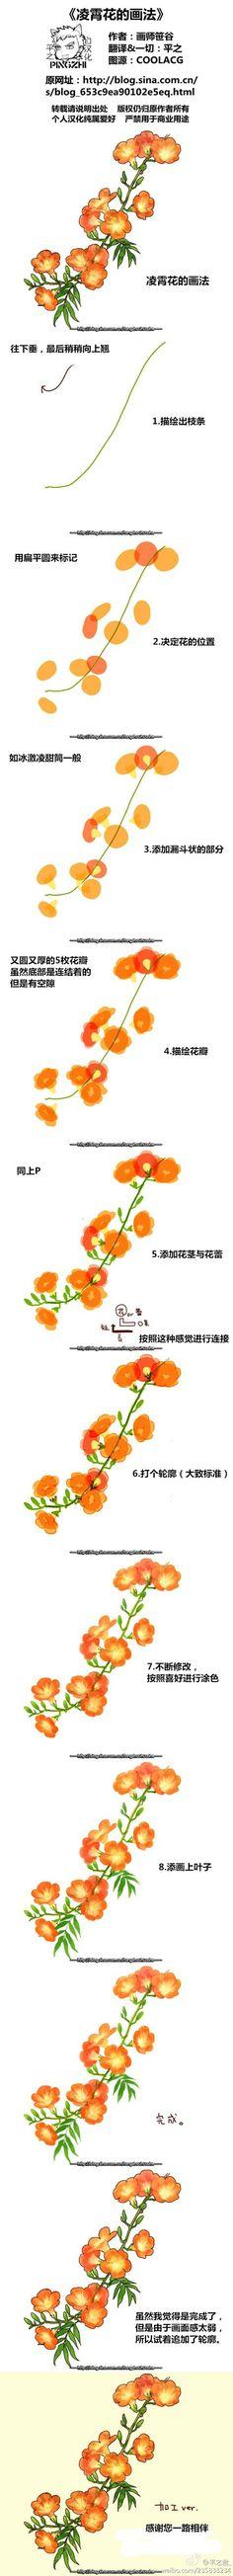 平之君_  原網址:http://blog.sina.com.cn/s/blog_653c9ea90102e5eq.html